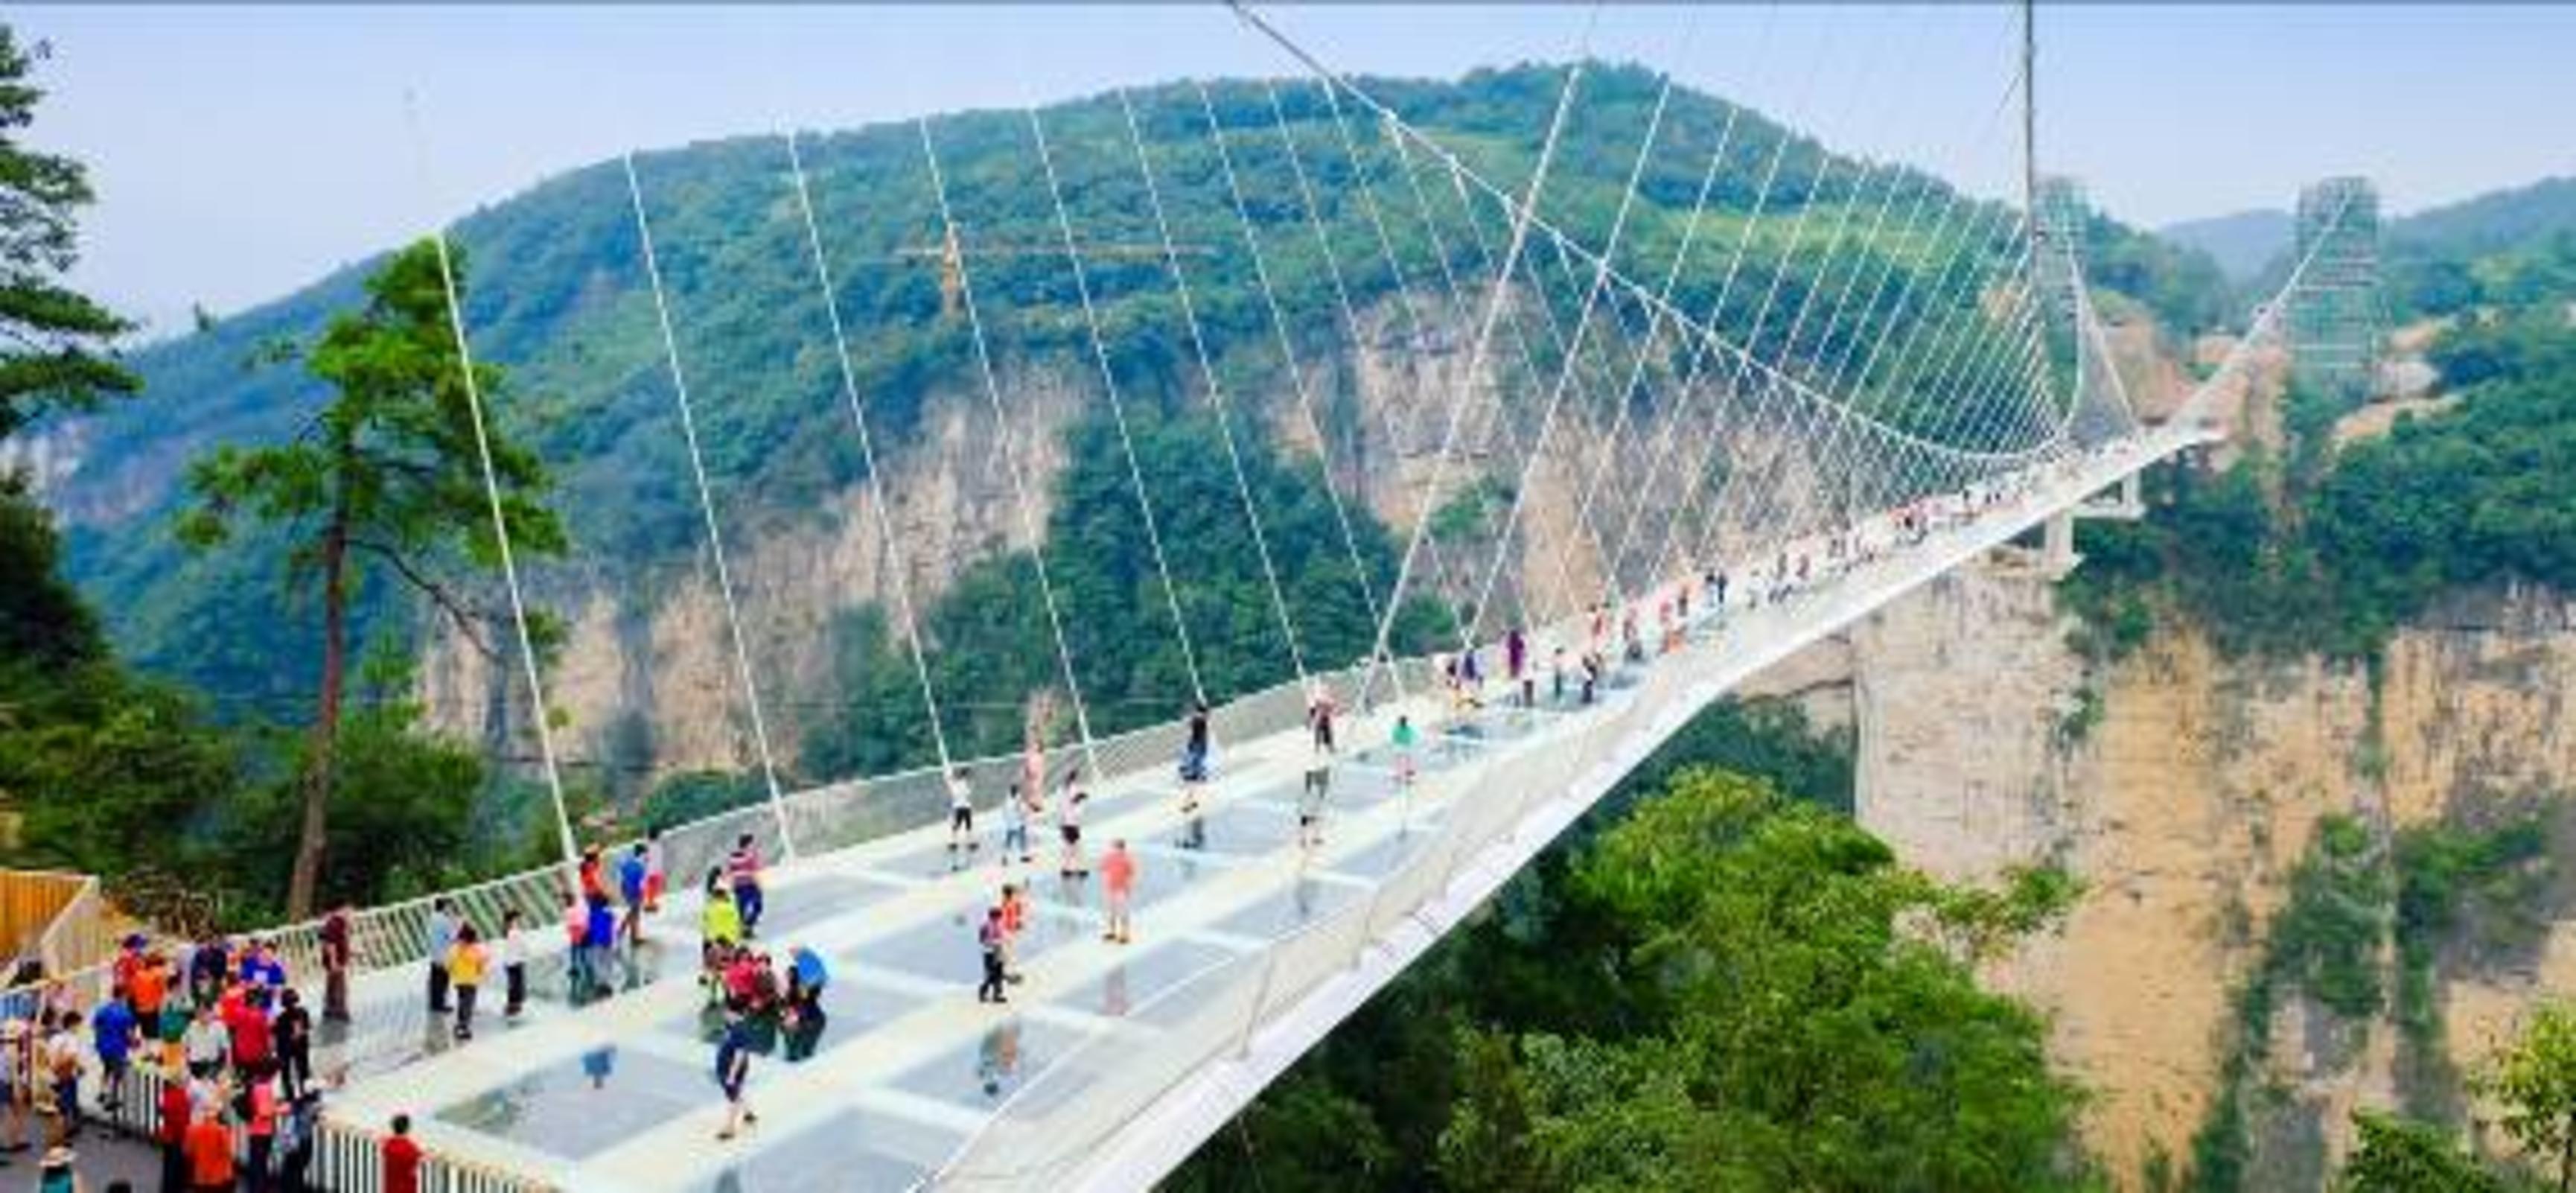 ทัวร์จีน : จางเจียเจี้ย ขนมจีบทะเล ประตูสวรรค์ สะพานแก้วยาวที่สุดในโลก 4 วัน 3 คืน